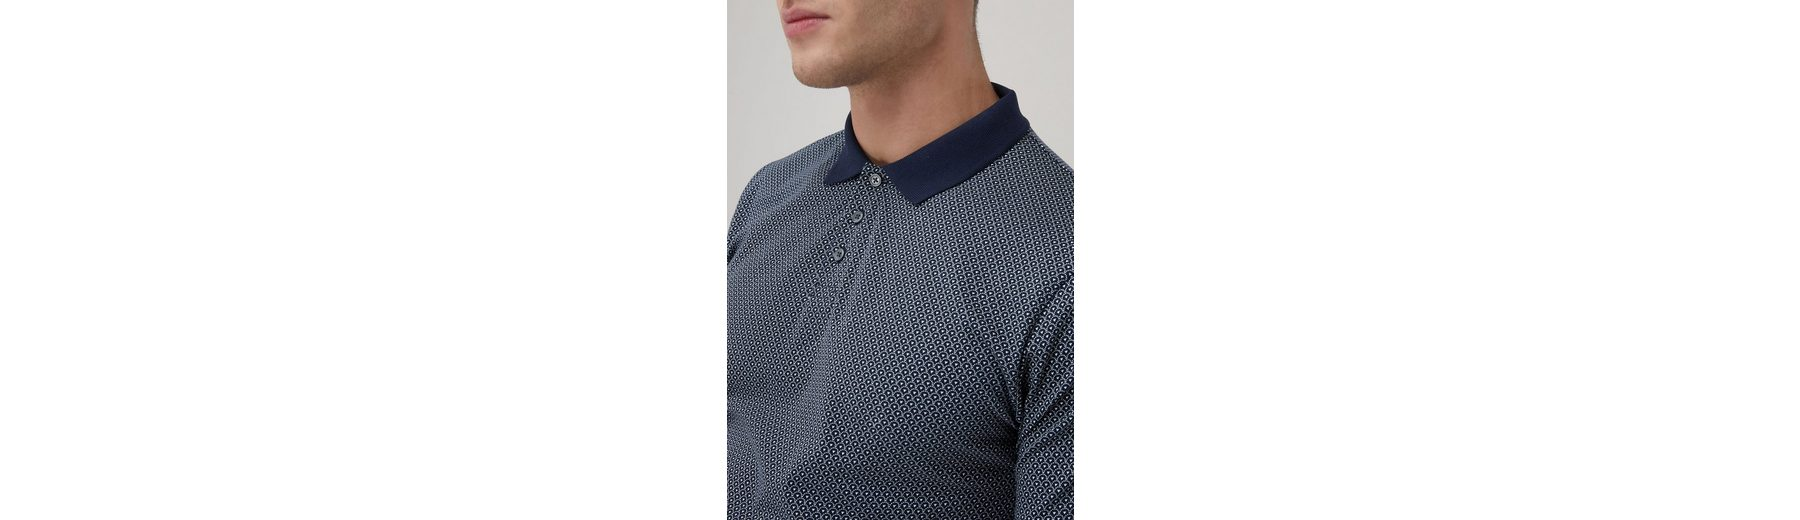 Next Poloshirts mit Muster und Streifen, 2er-Pack 2 teilig